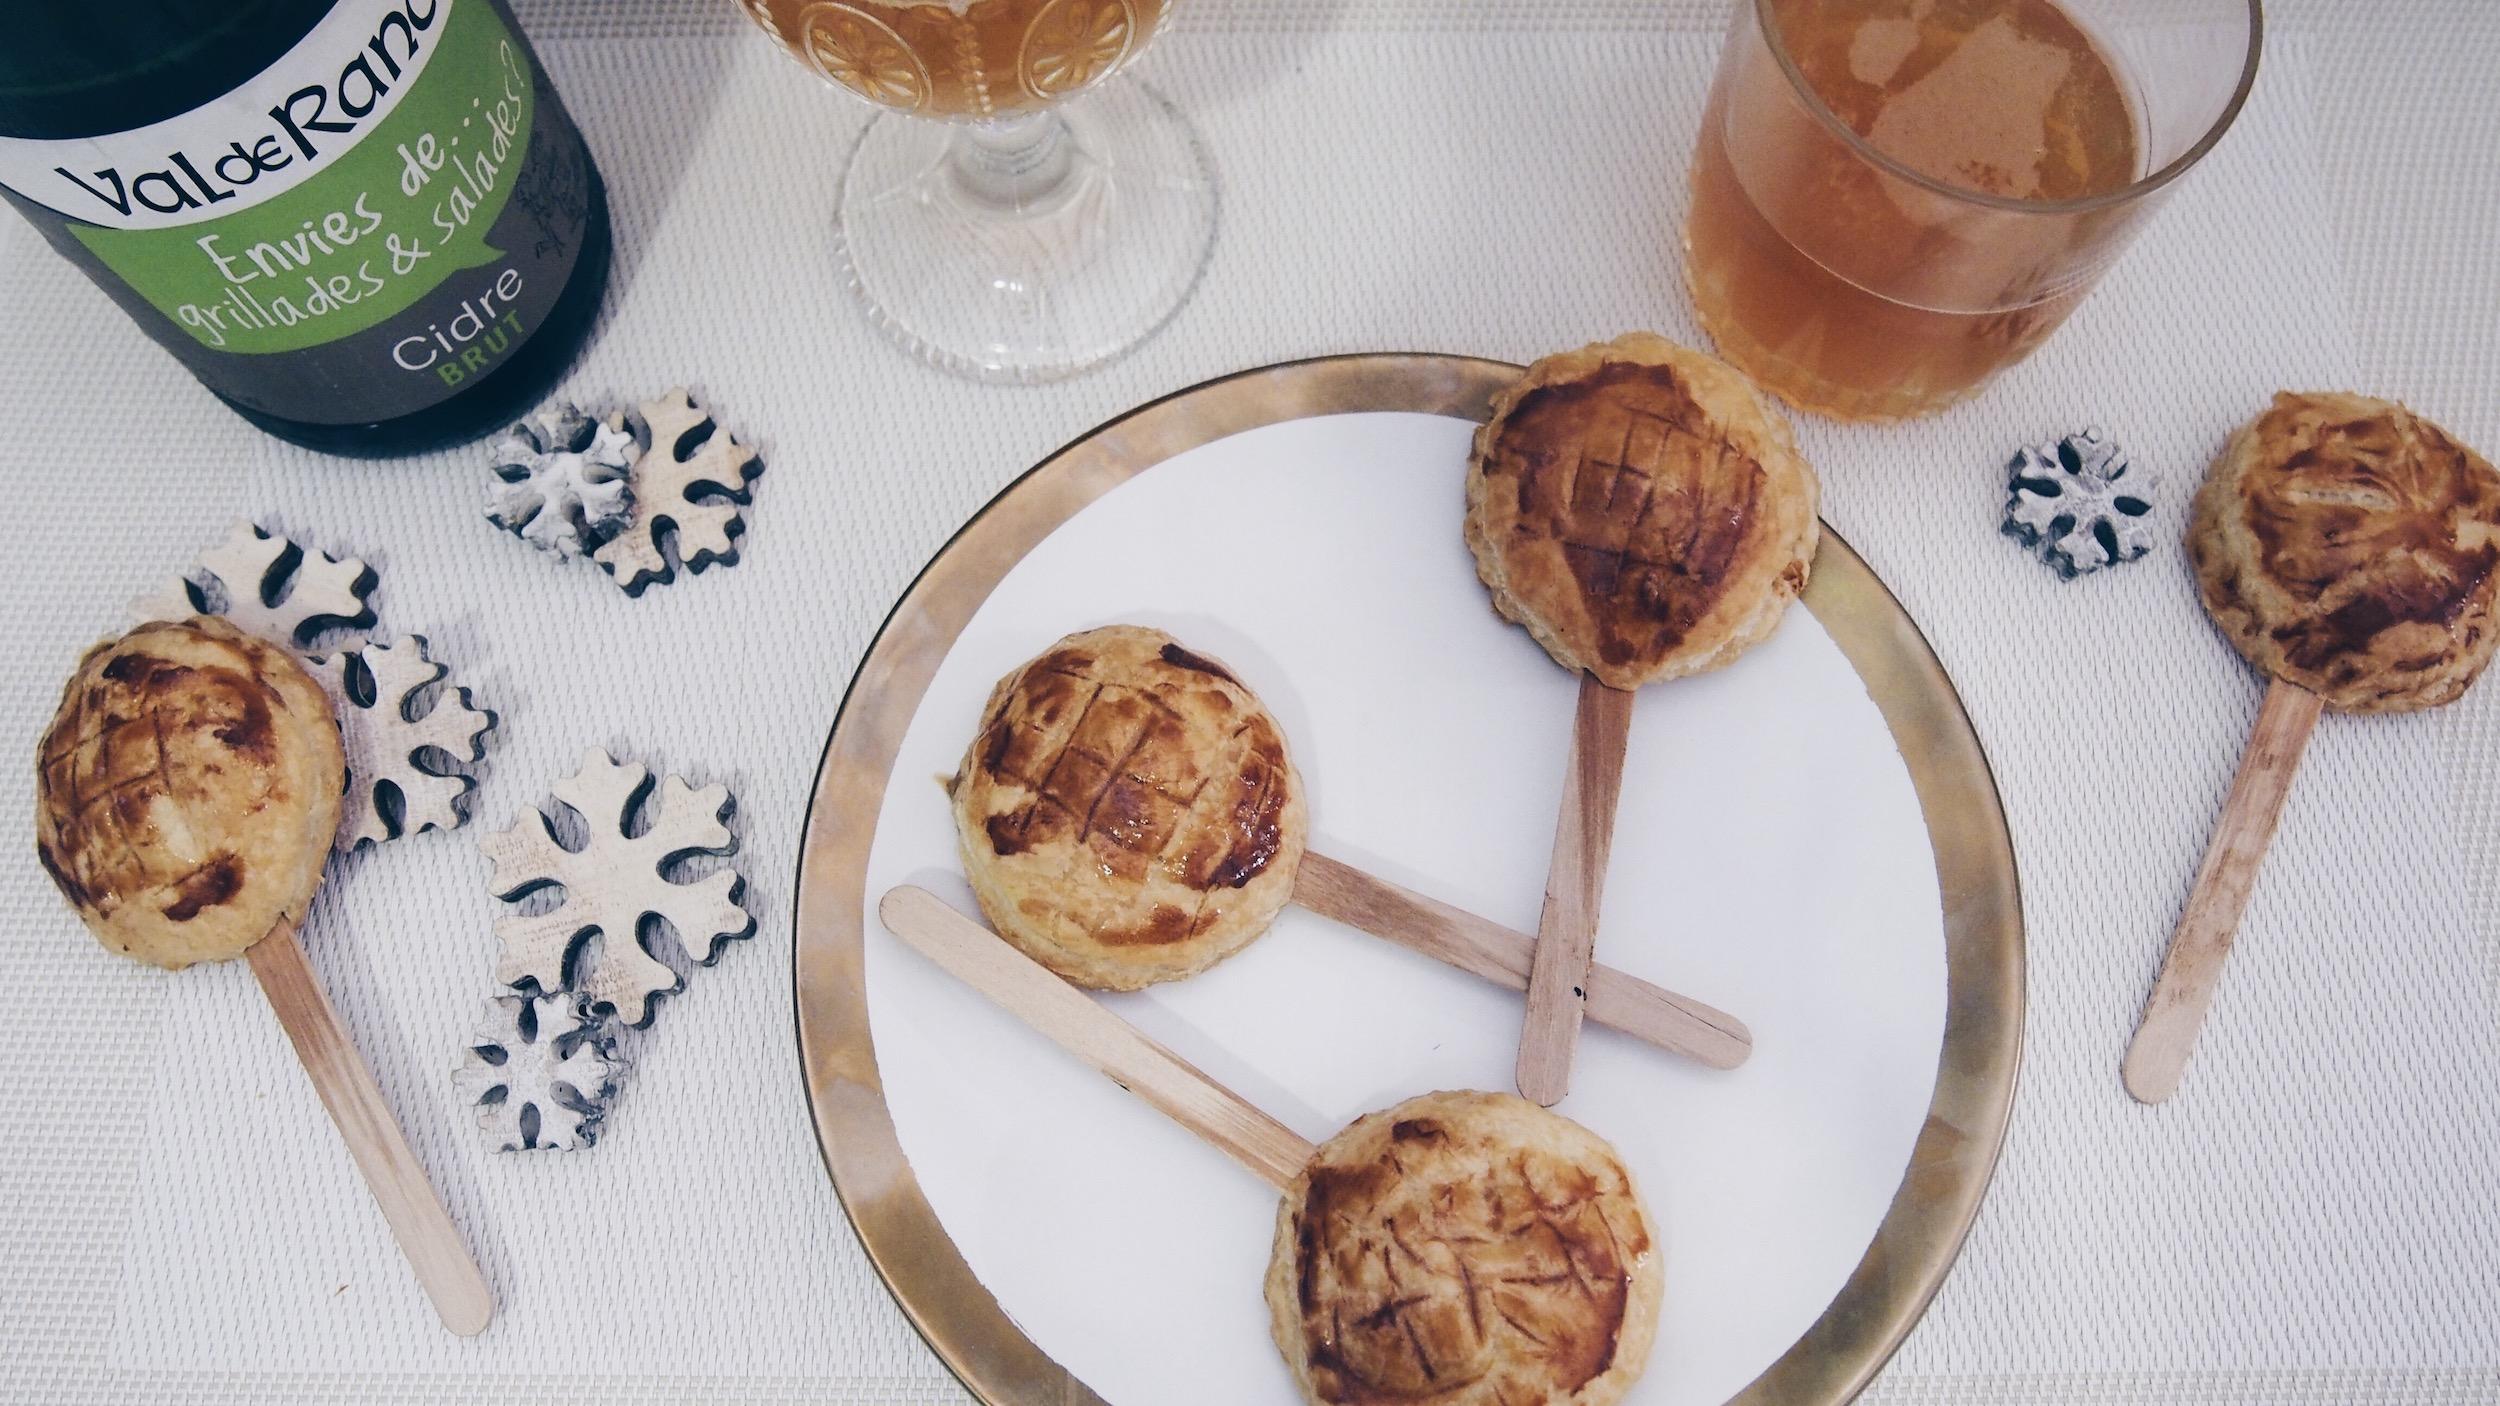 val-de-rance-epiphanie-cidre-galette-des-rois-magret-pommes